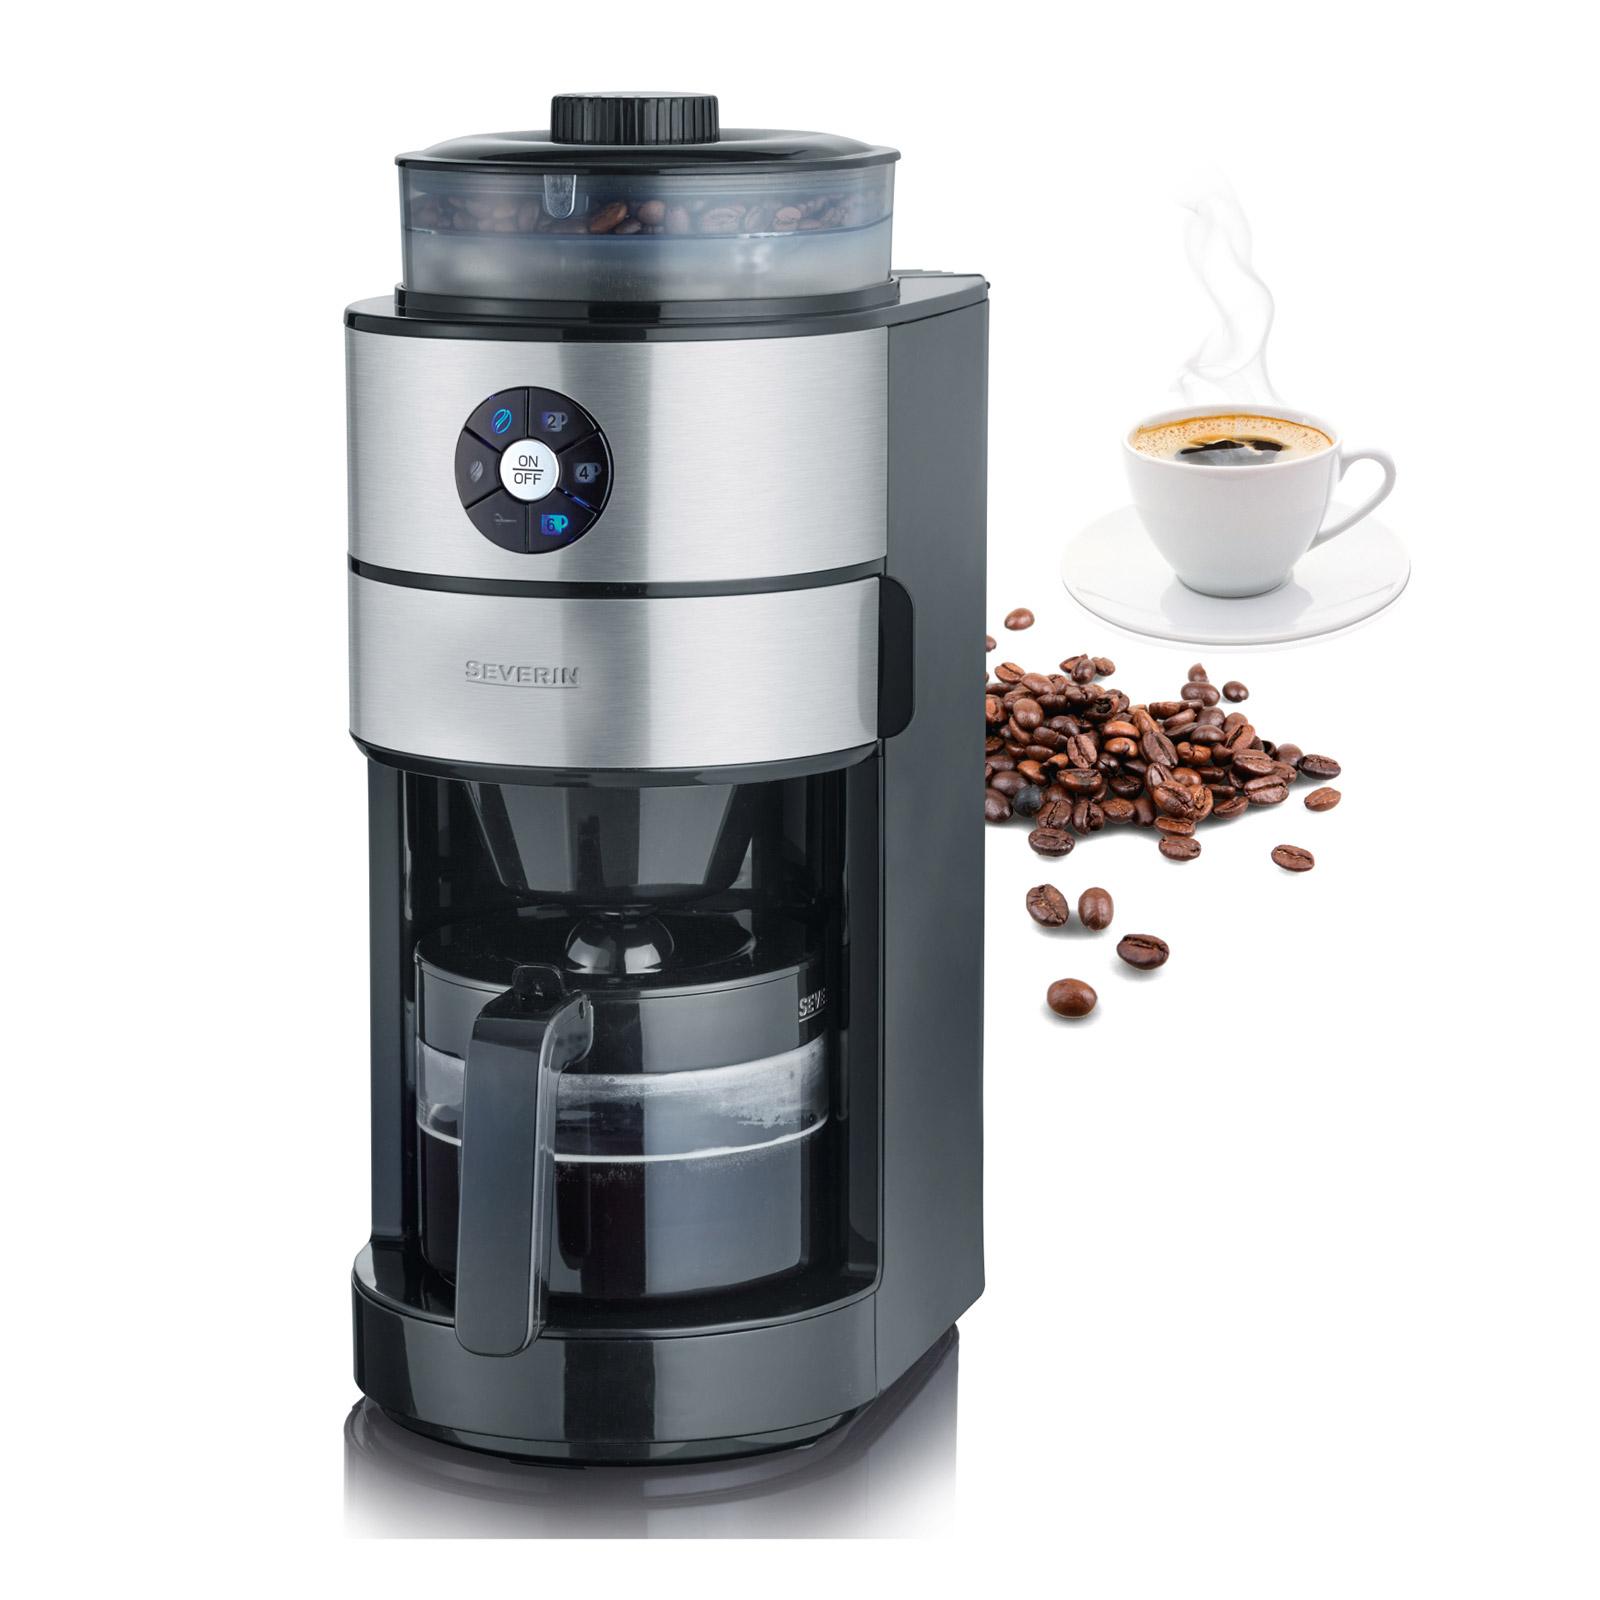 Ideal für kleine Küchen: kompakte Filterkaffeemaschine mit Mahlwerk KA 4811.